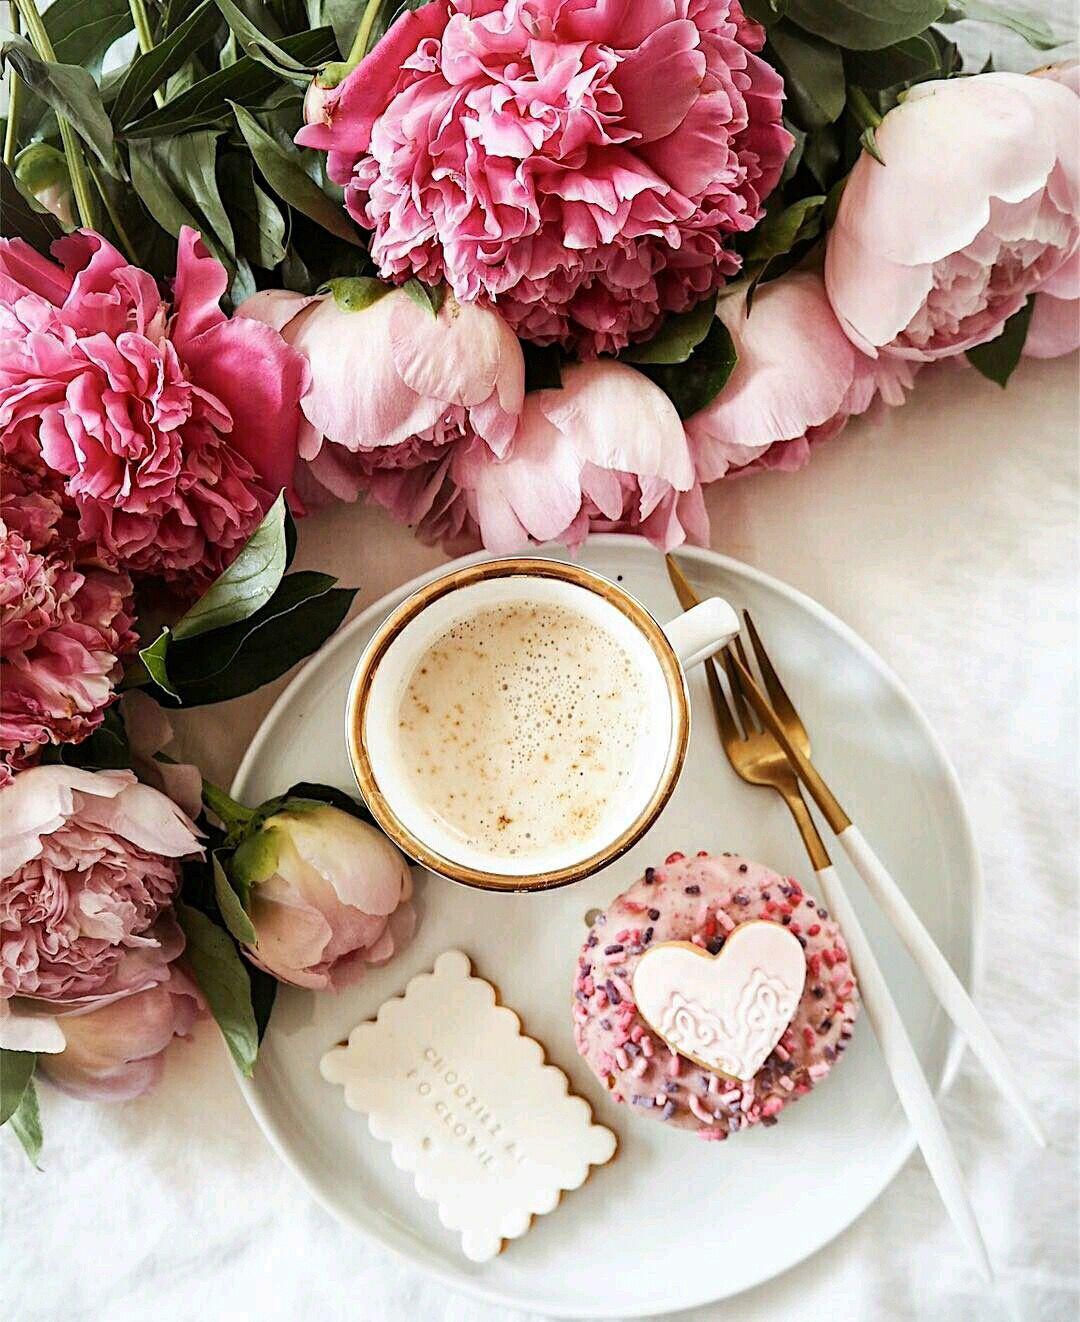 красивые картинки нежные пионы завтрак суп нечто